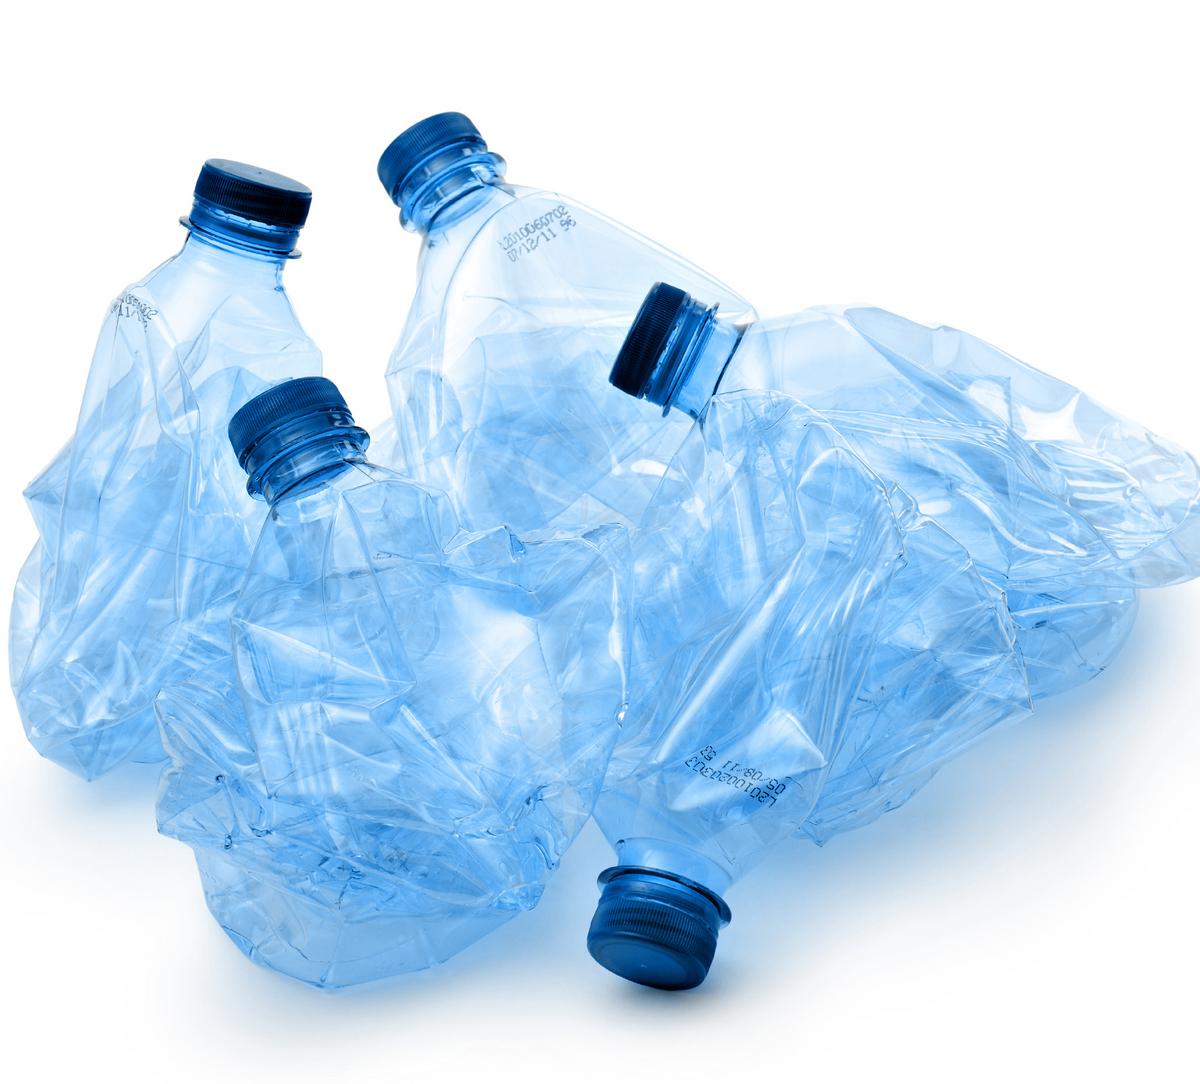 Plastic Bottles PNG - 3326